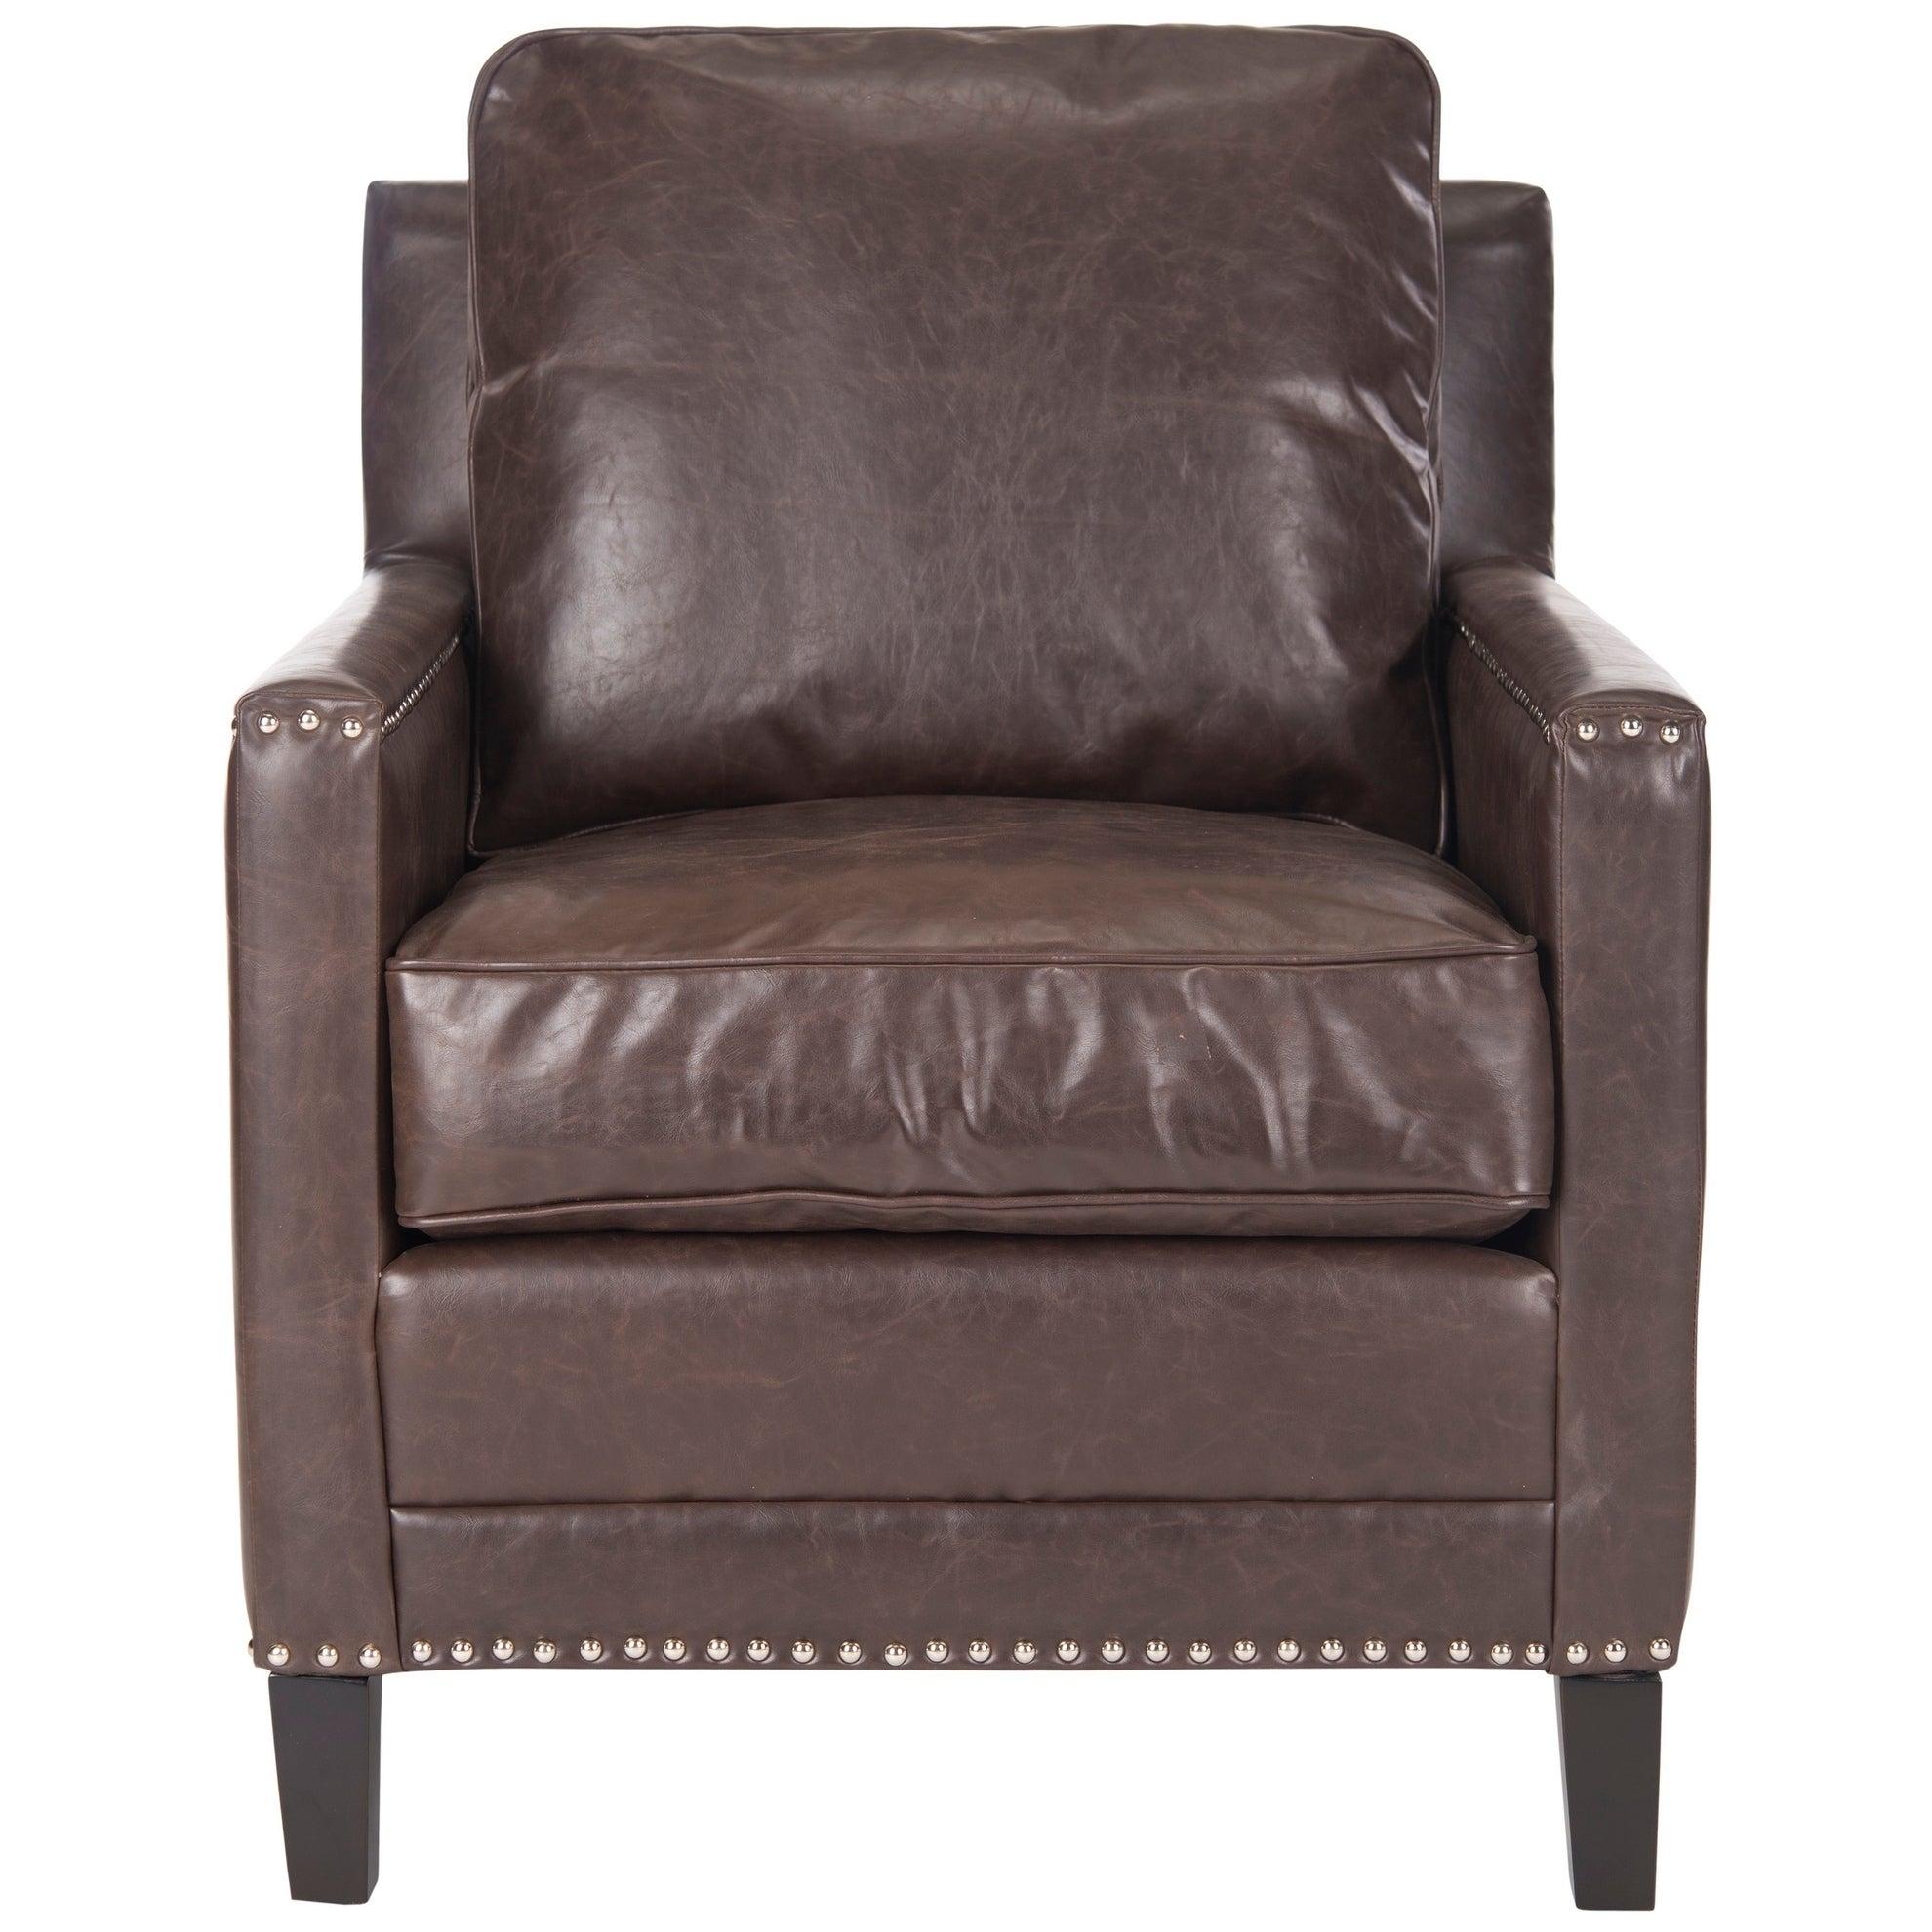 Beau Safavieh Buckler Antique Brown Club Chair